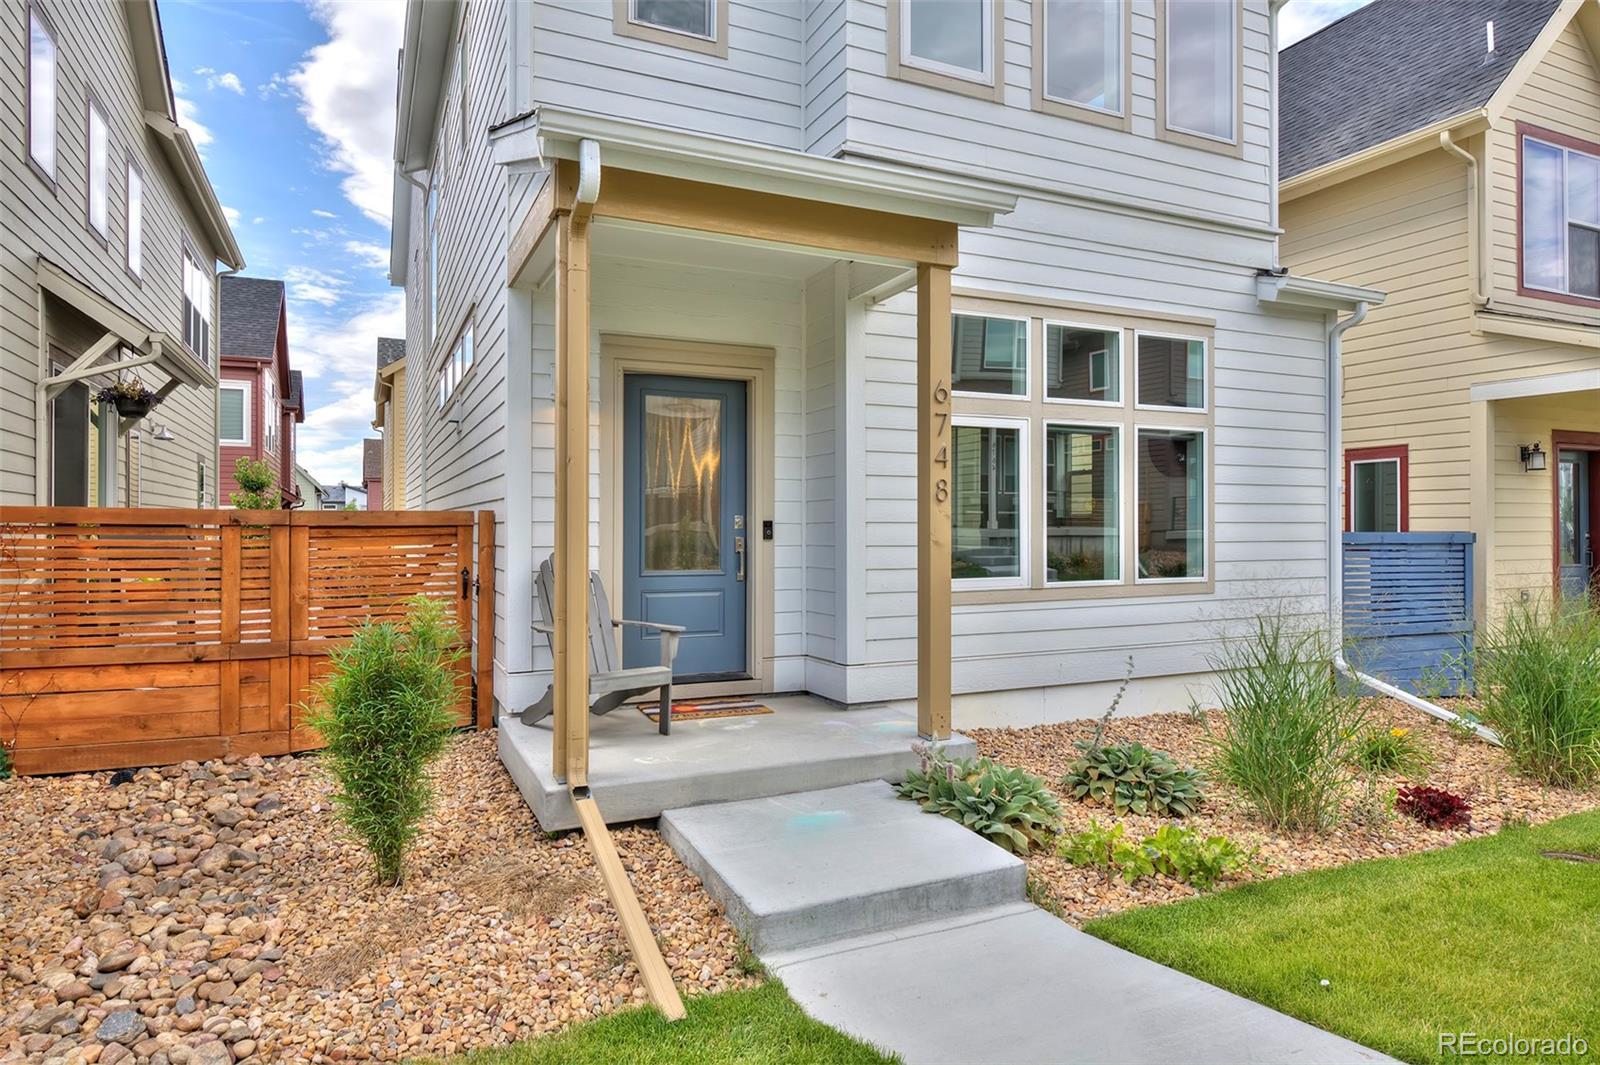 MLS# 6699136 - 5 - 6748 Osage Street, Denver, CO 80221